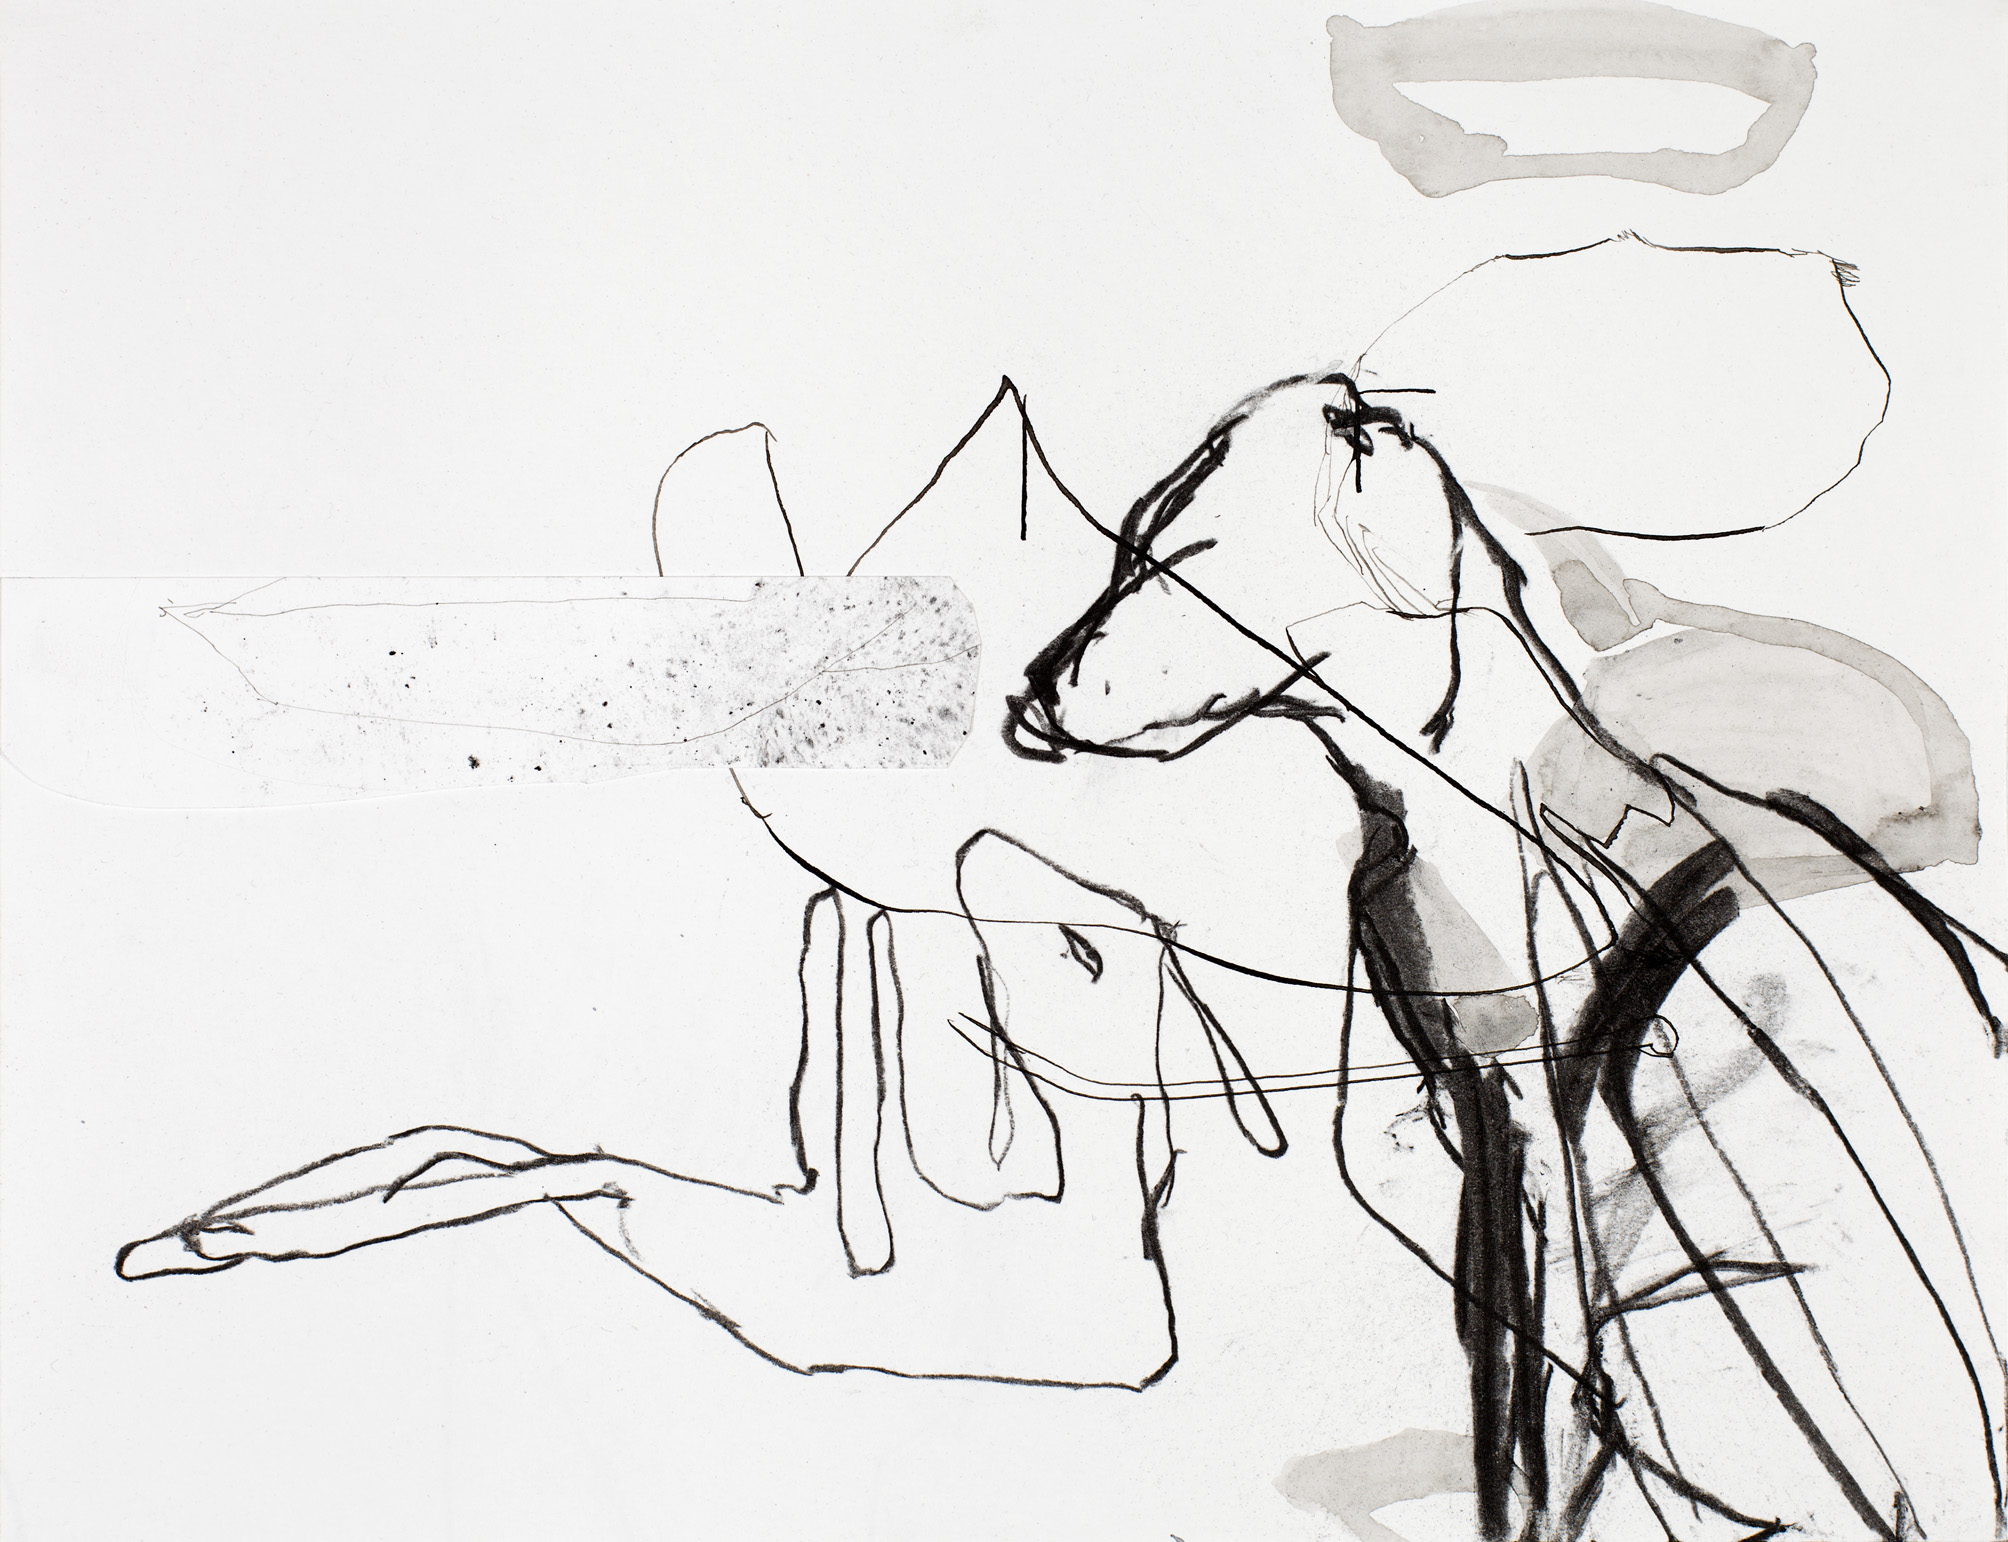 anna_rudolf_zt_2015_houtskool_inkt_en_collage_op_papier_250x325mm